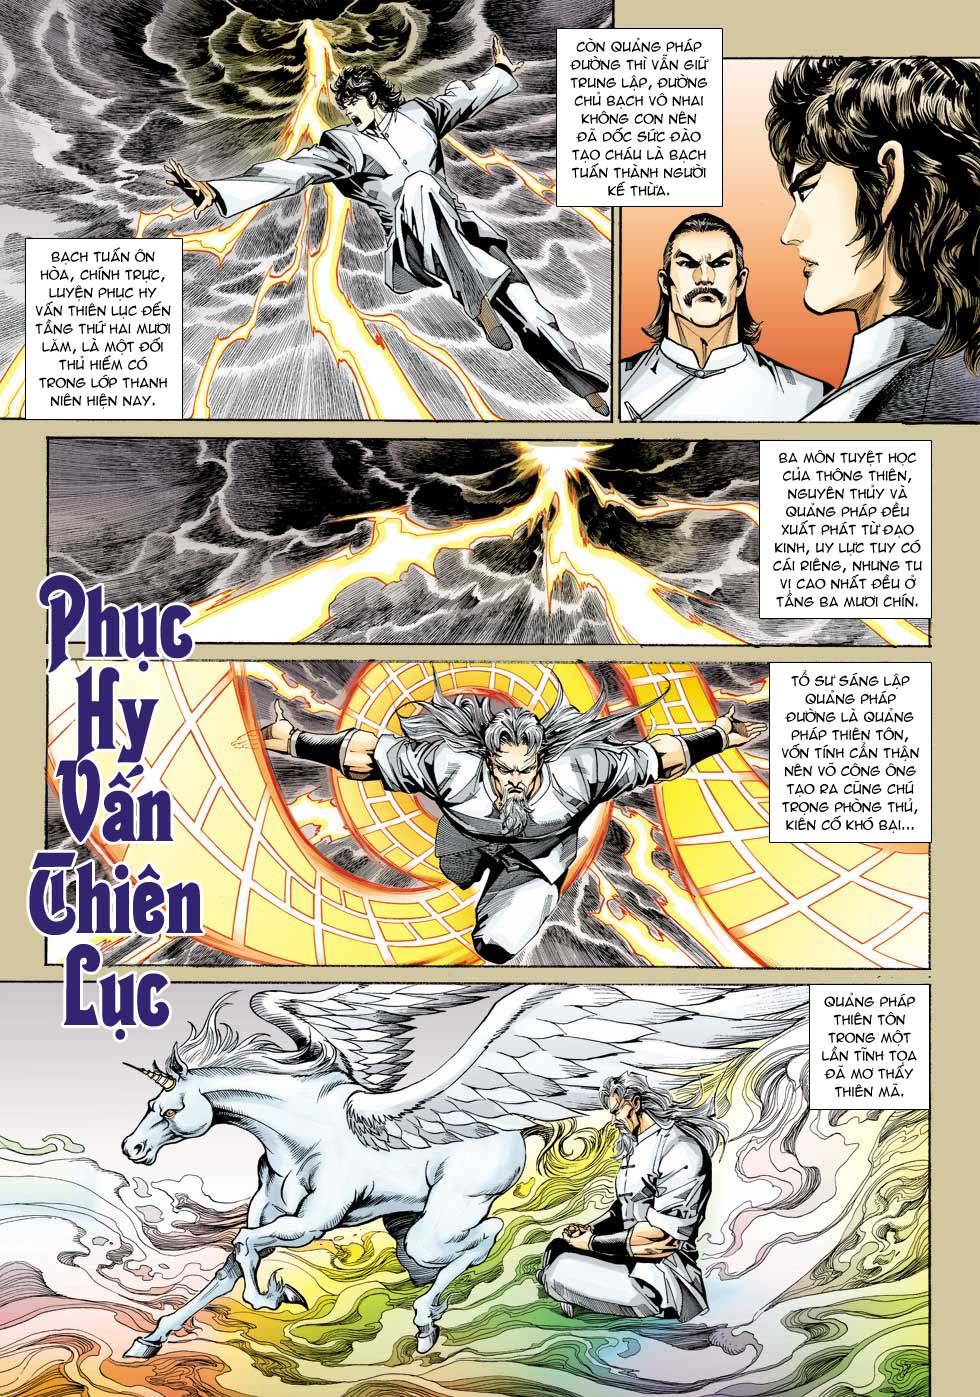 Tân Tác Long Hổ Môn chap 343 - Trang 11